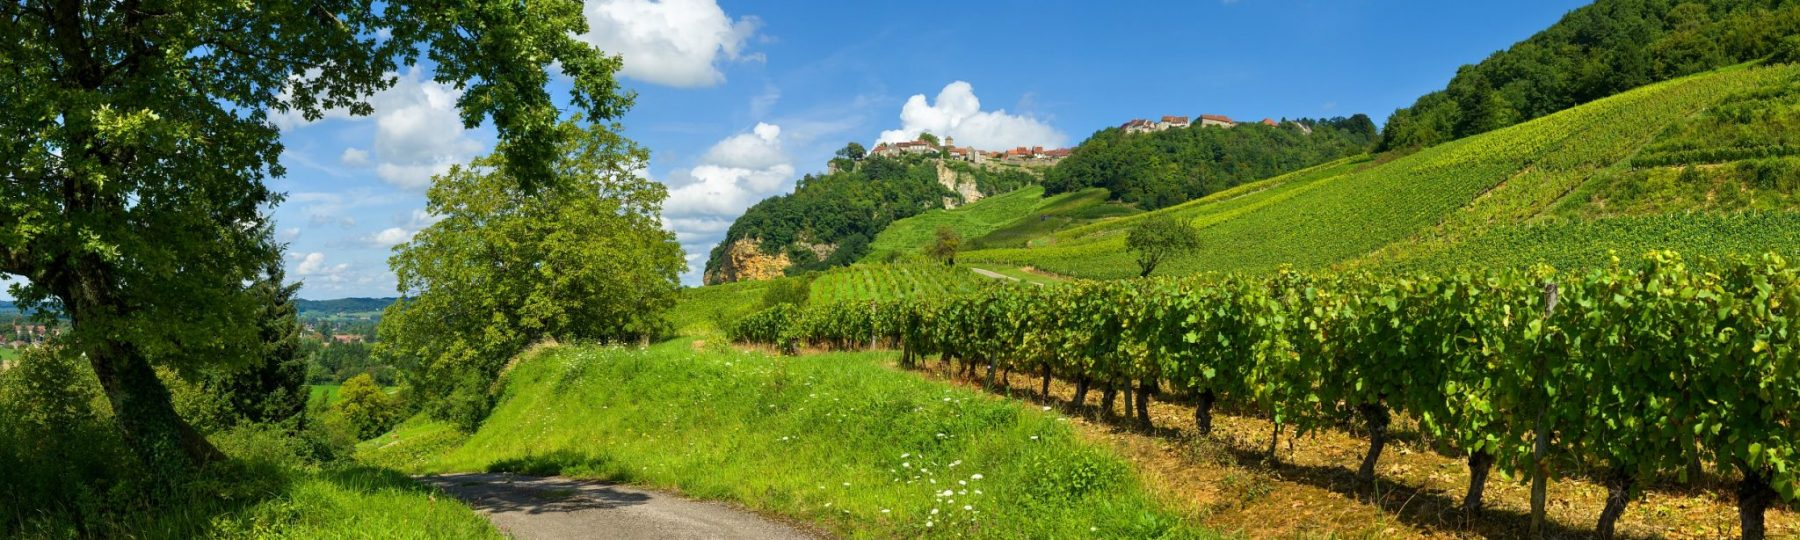 Vignoble de Château-Chalon © Stéphane Godin/Jura Tourisme